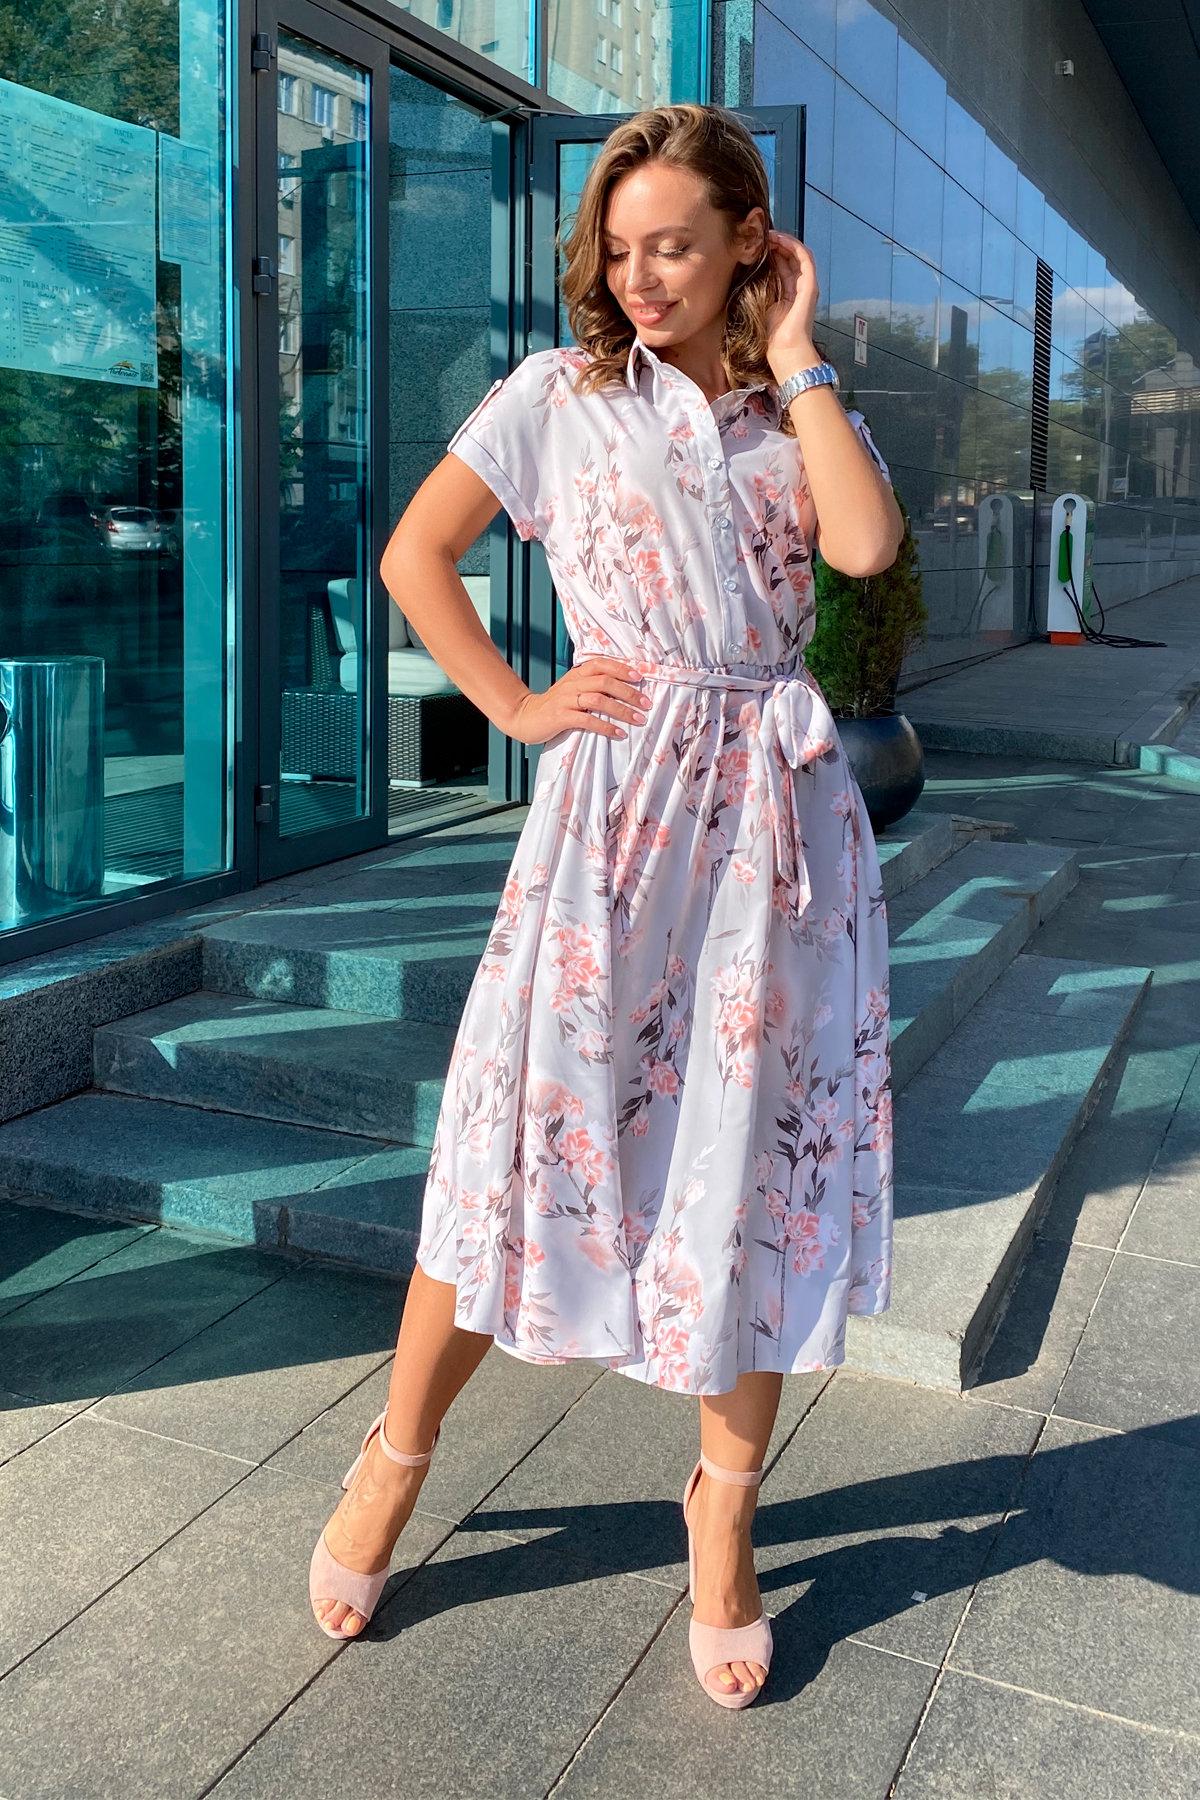 Платье Санжар 9090 АРТ. 45968 Цвет: Цветы на ветке серый/пудра - фото 9, интернет магазин tm-modus.ru